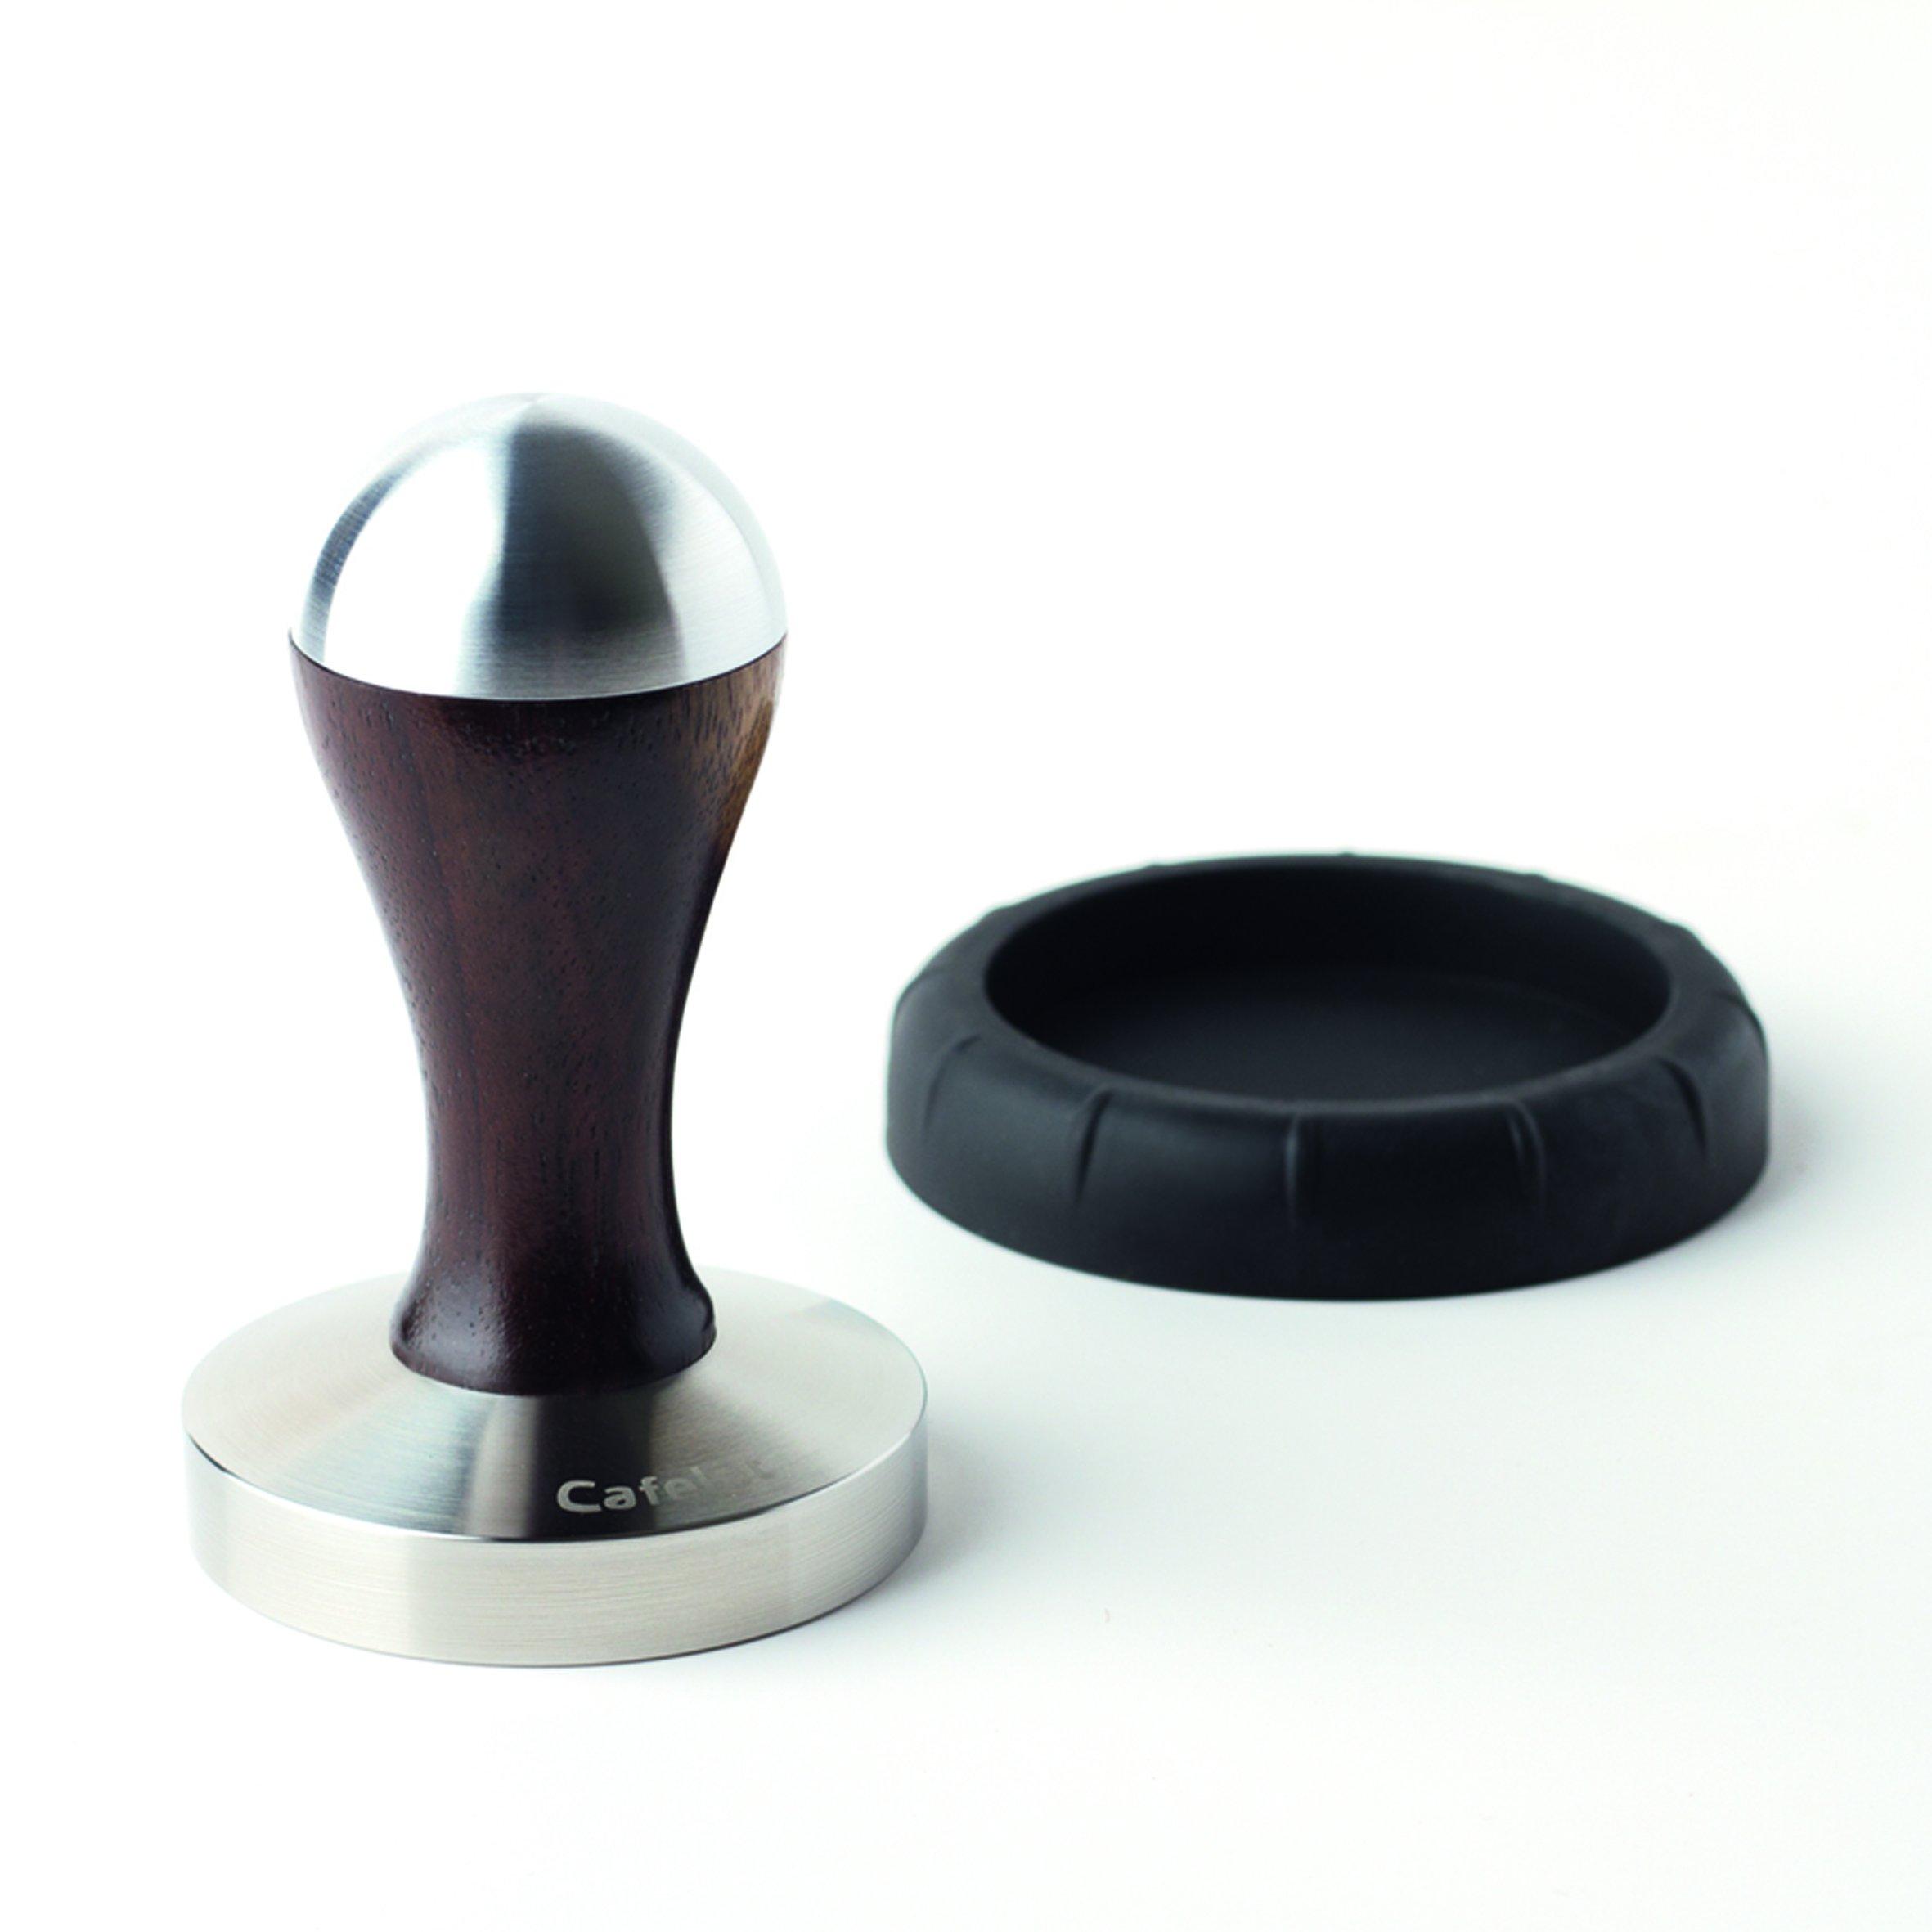 Cafelat Royal Tamper - Violet Wood - 58.35mm Flat by Cafelat